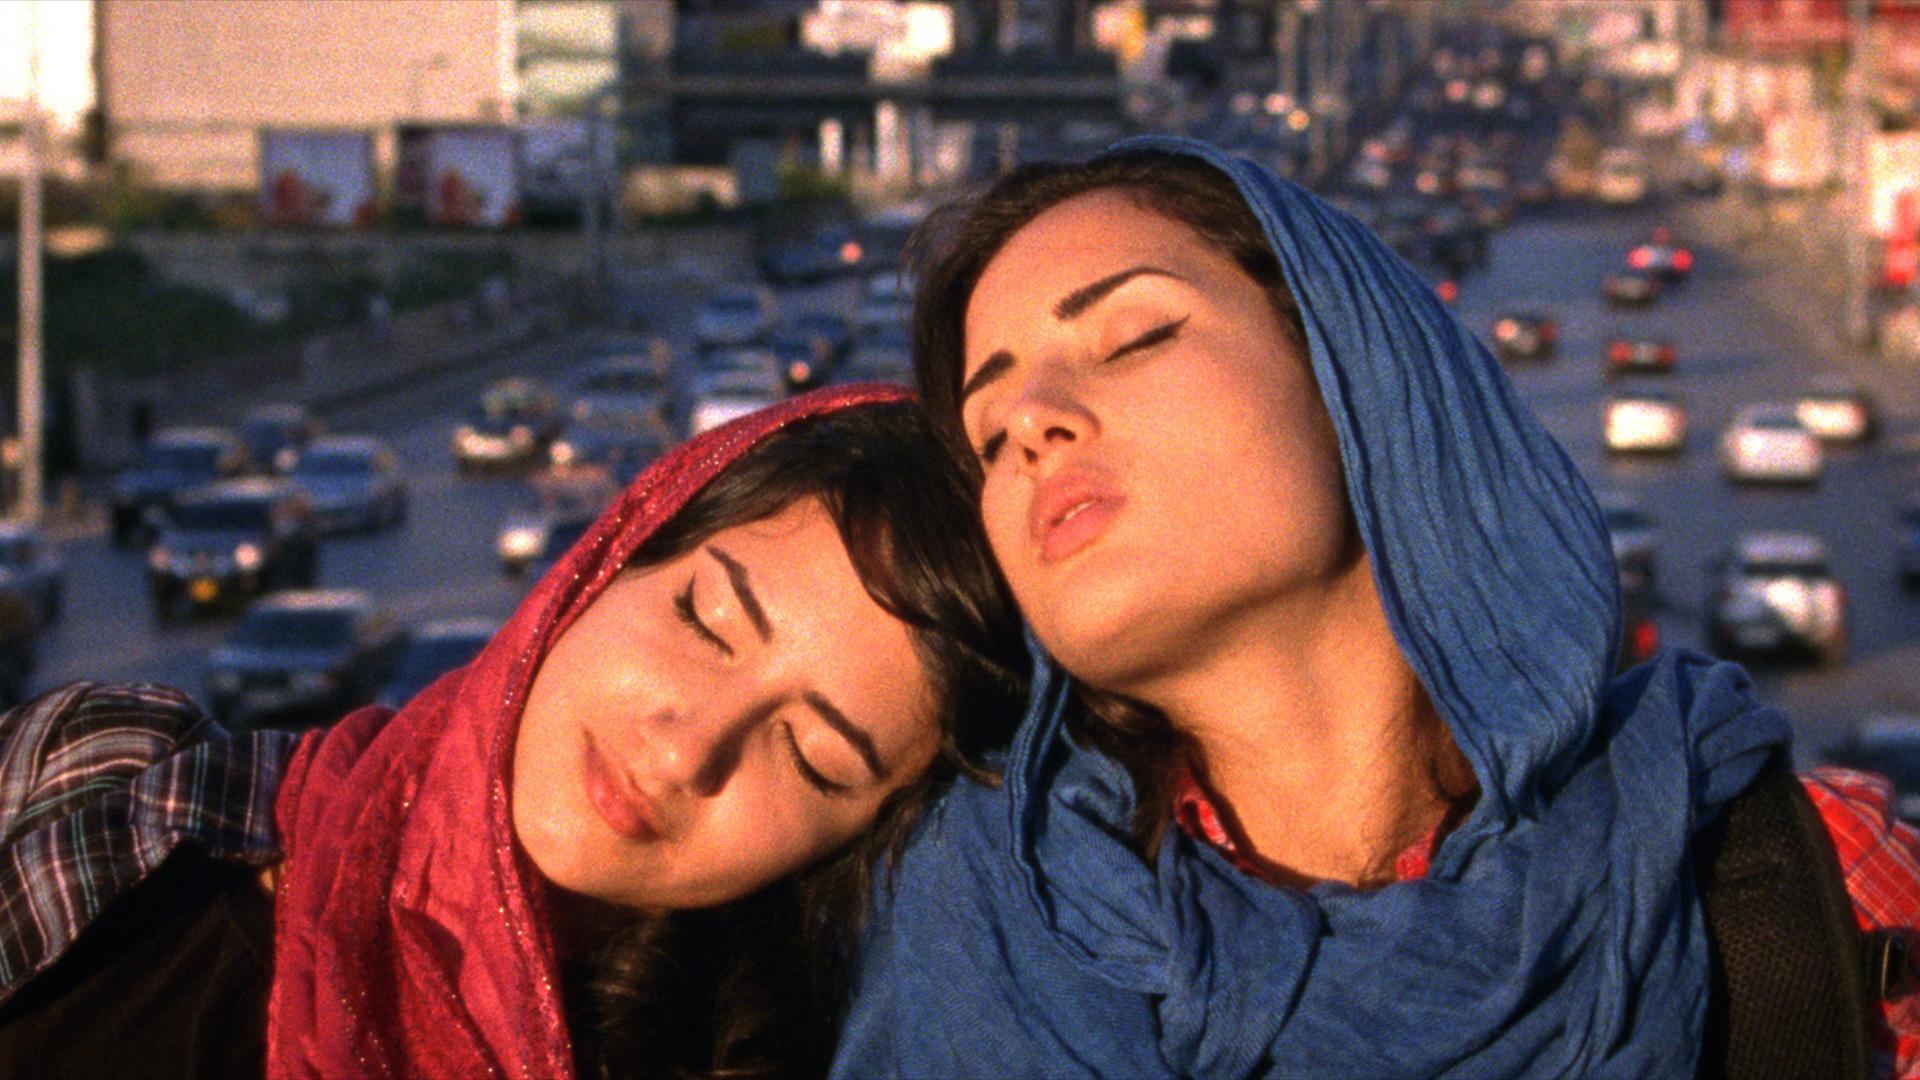 'Müslüman Lezbiyen Kızlar Eşcinsel Tedavi Terapisine Maruz Kalıyor'